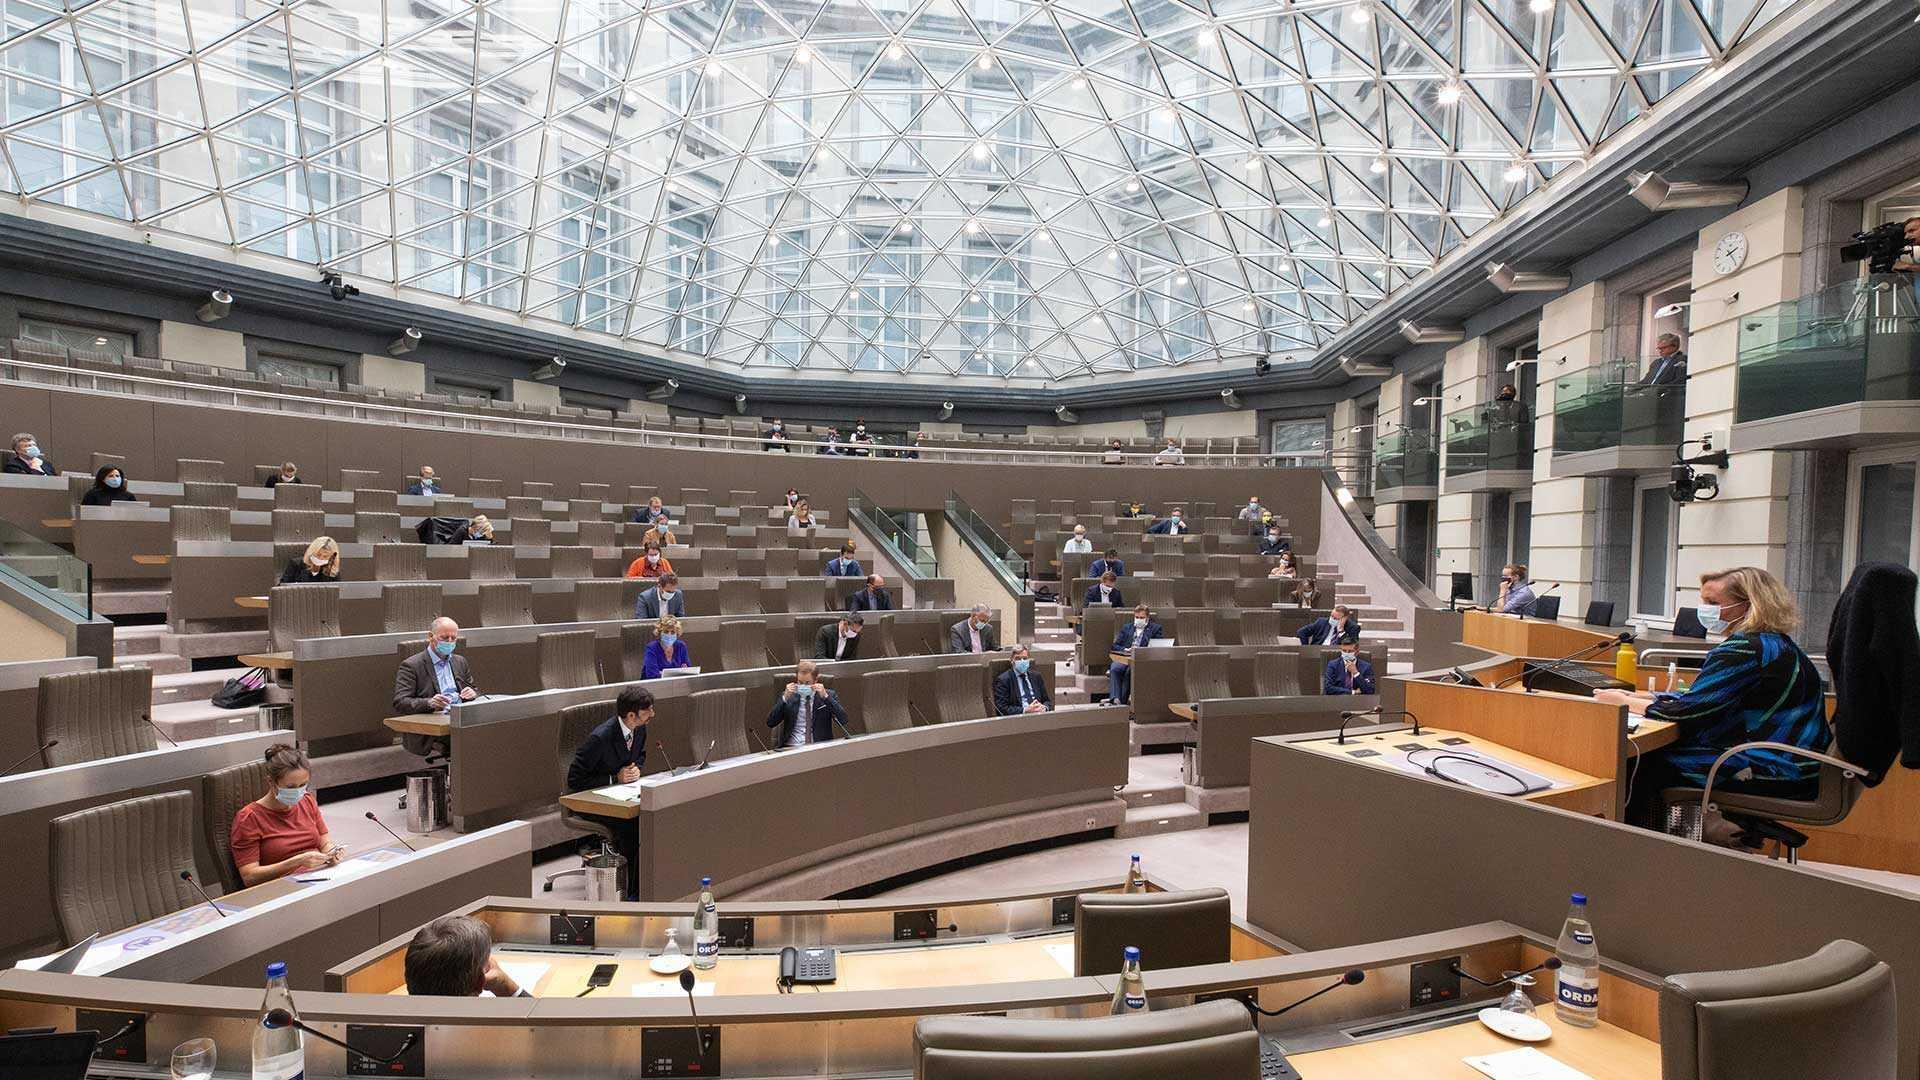 Plenaire vergadering in de Koepelzaal van het Vlaams Parlmenent